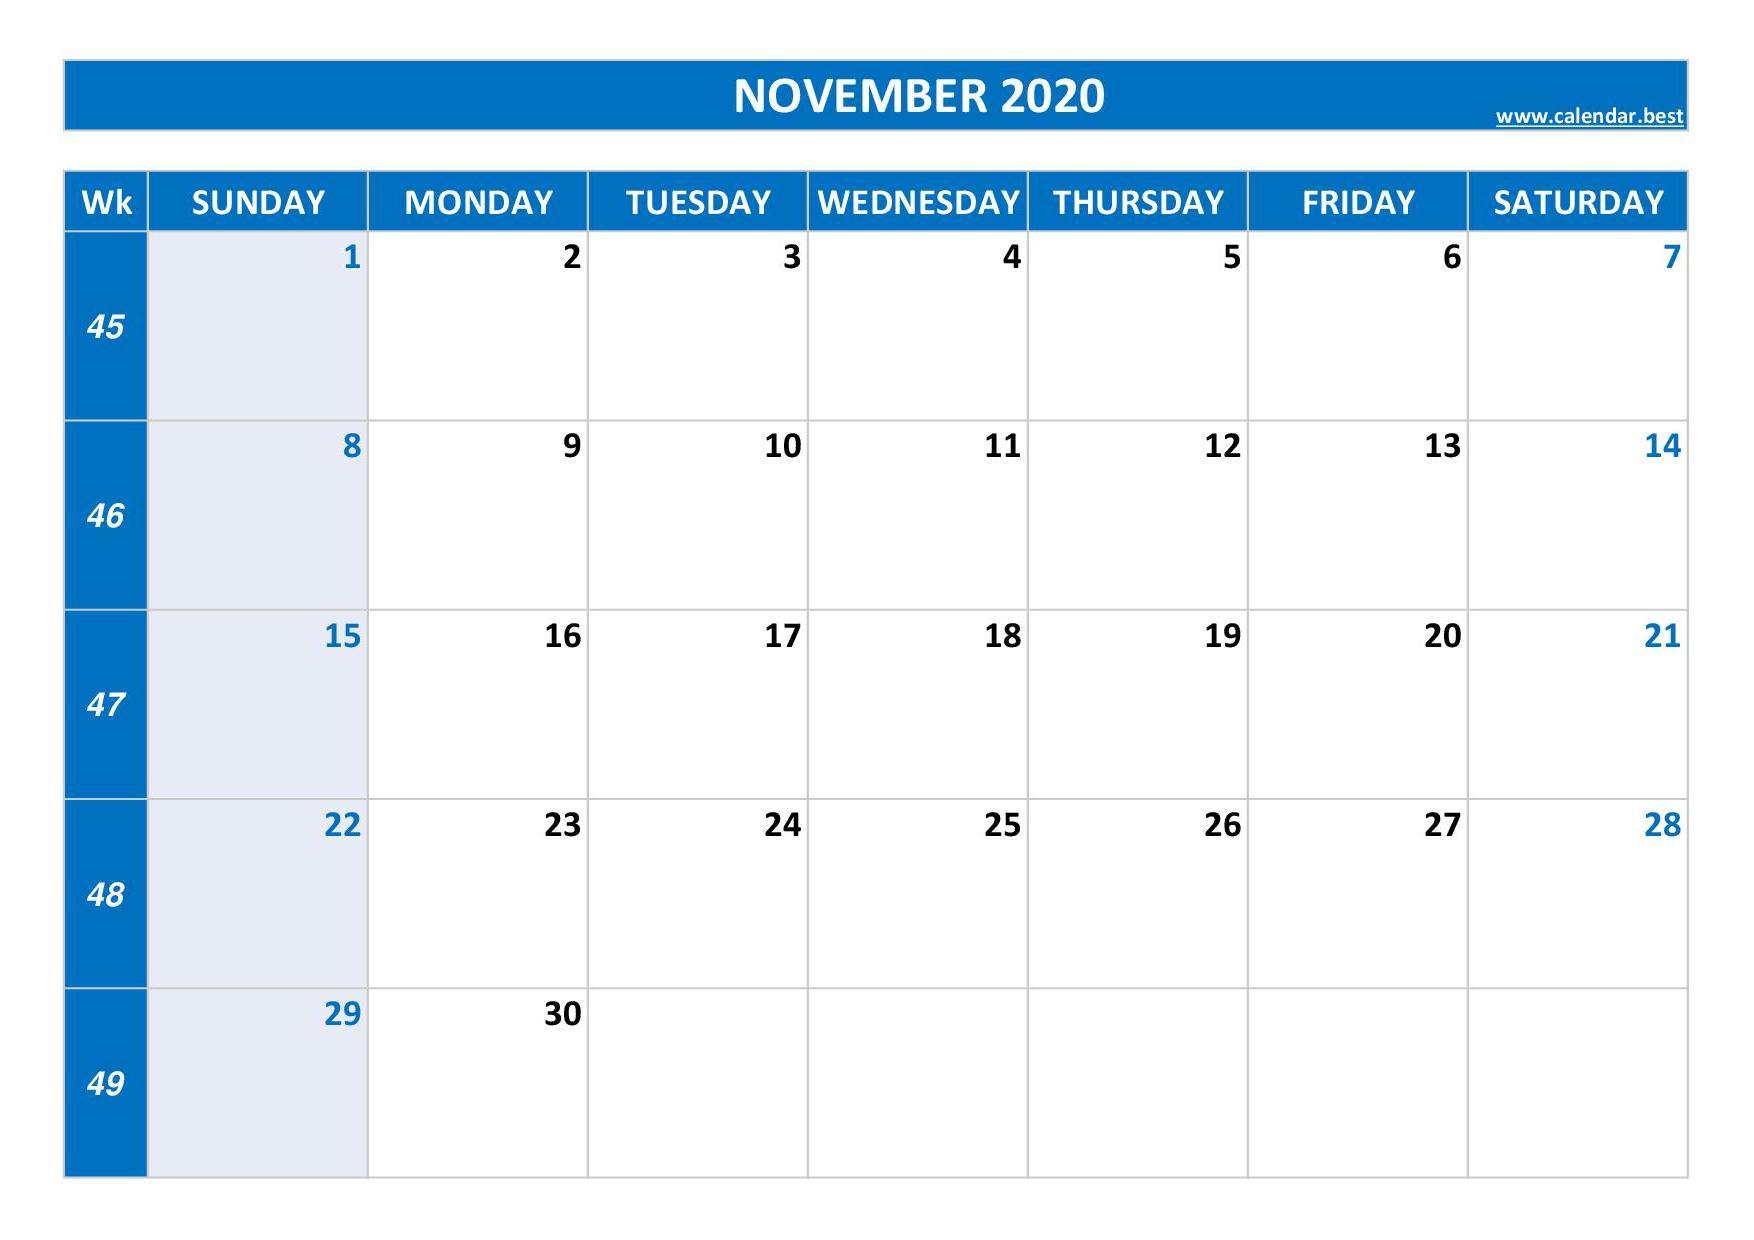 2020 calendar with week numbers -Calendar.best